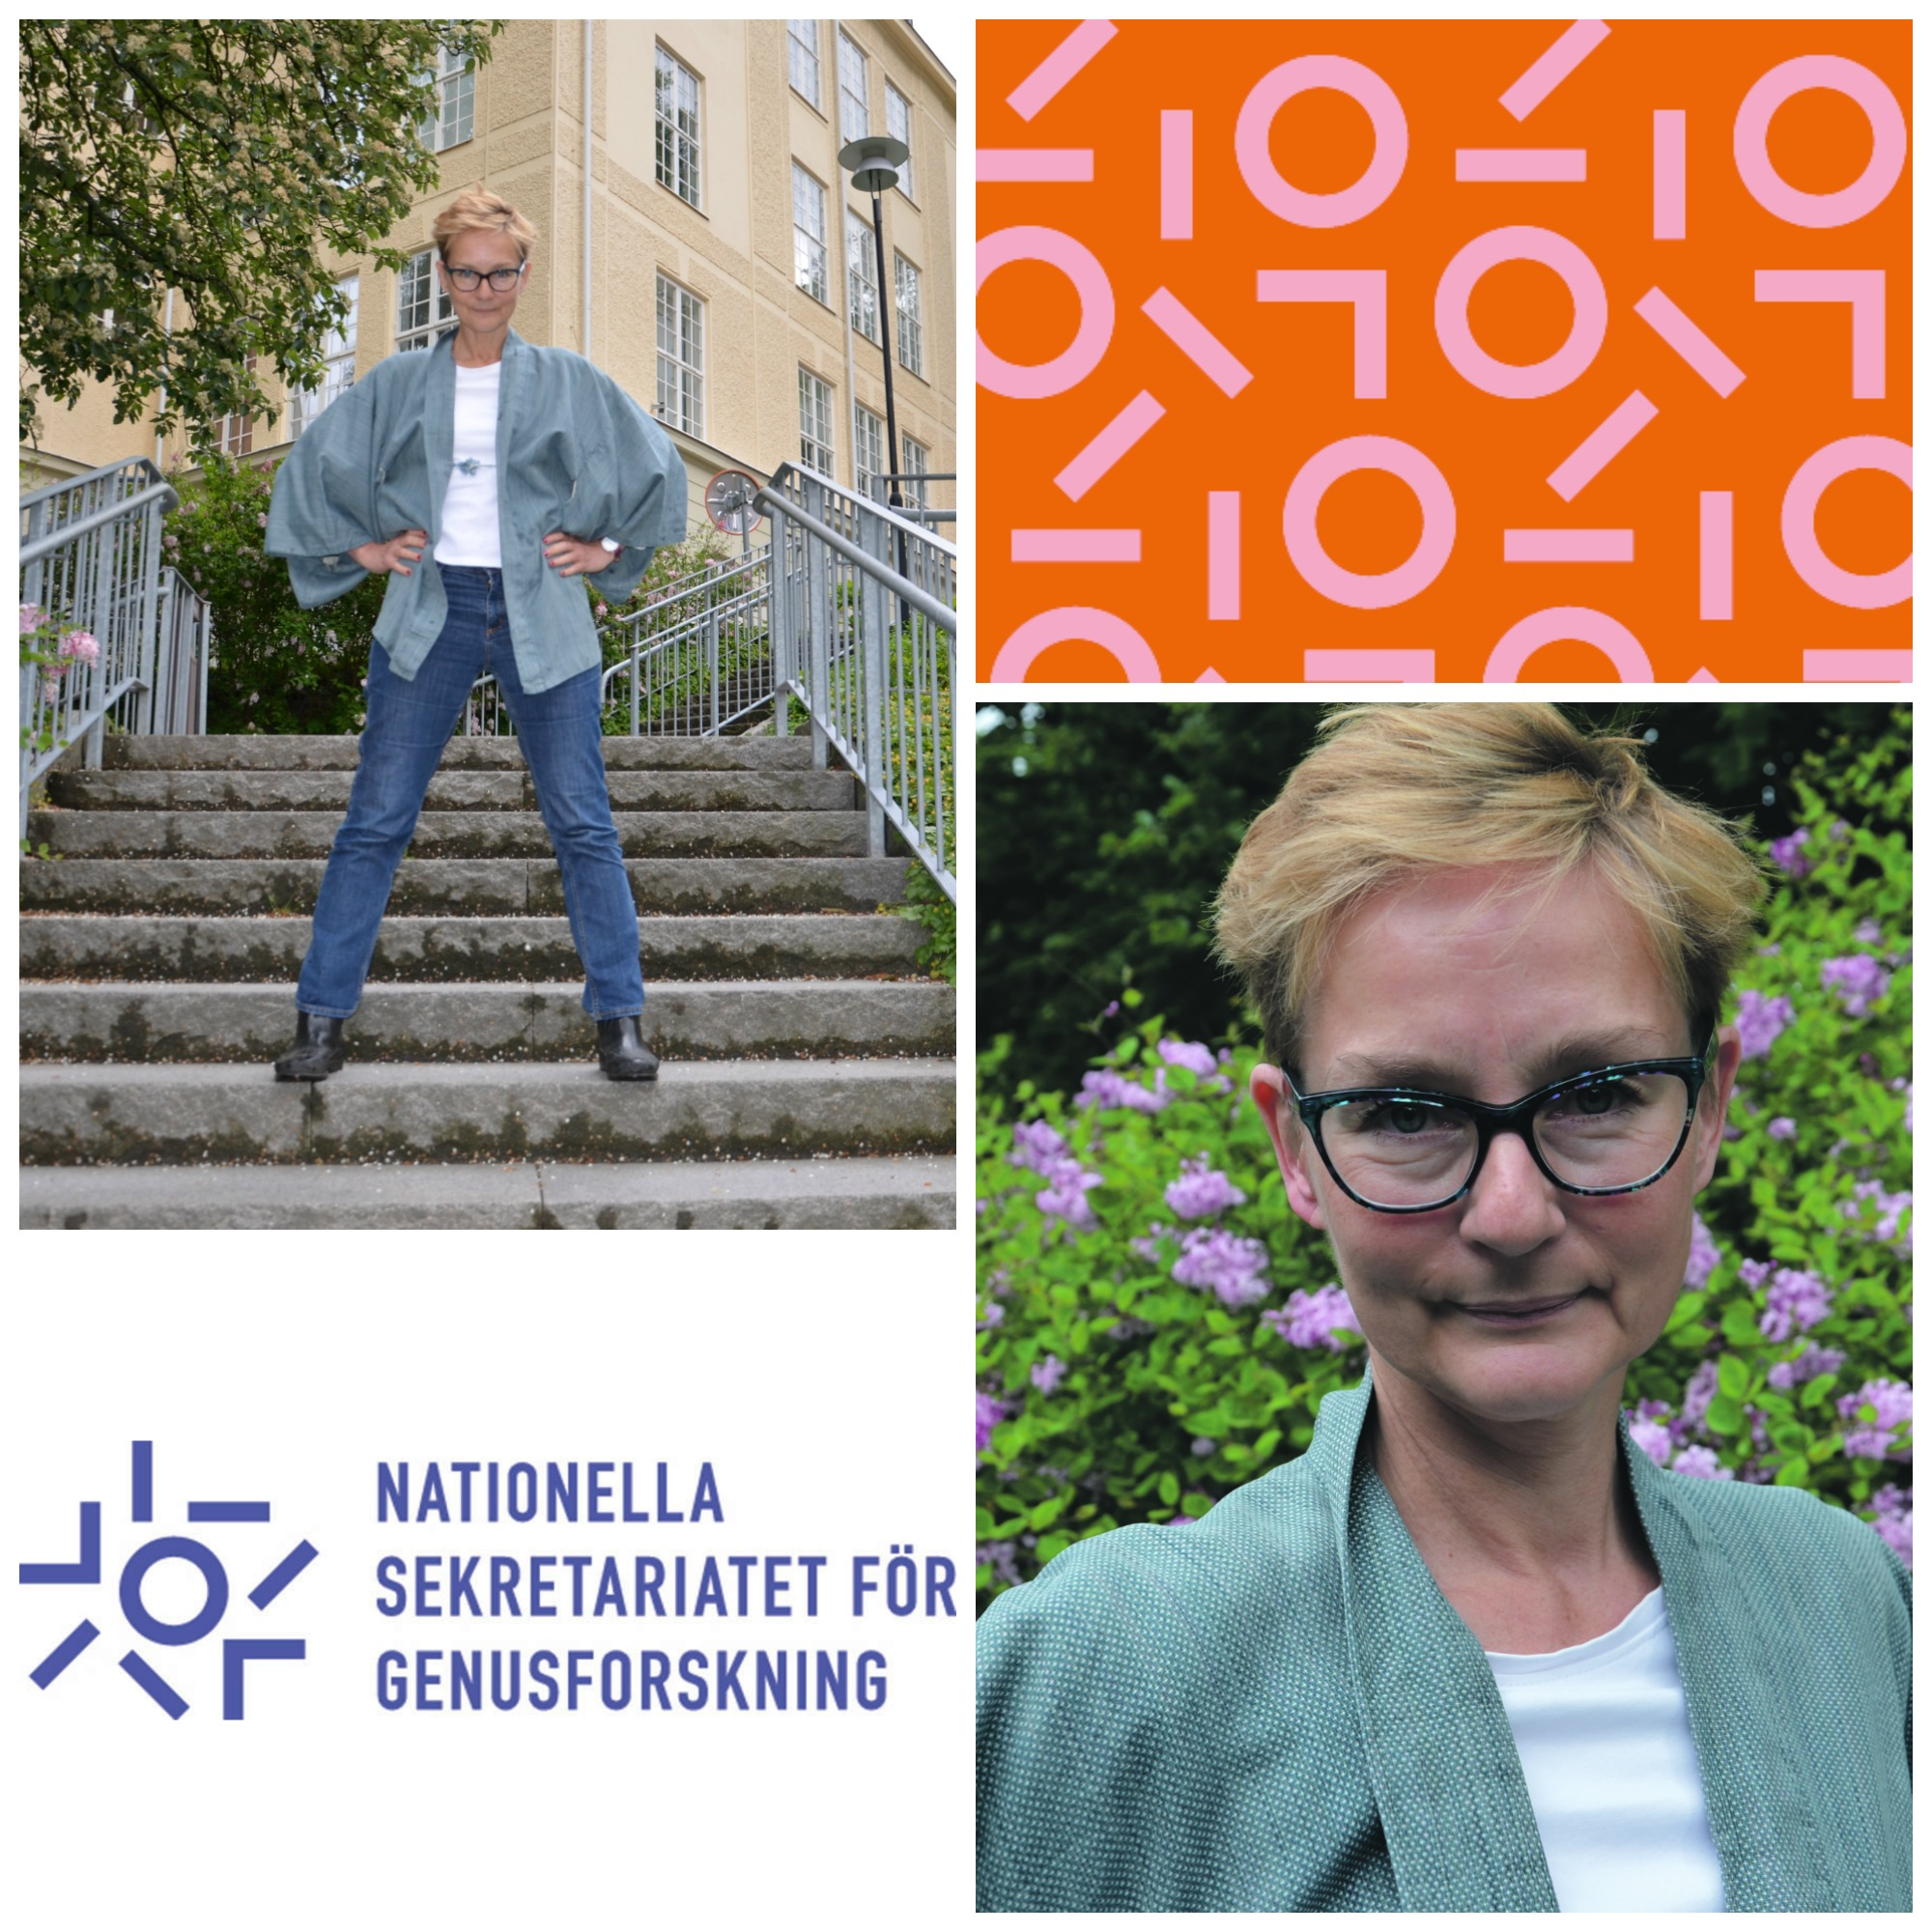 Utmaningen för oss är att ge en rättvisande bild av den forskning som faktiskt bedrivs, då bilden som förmedlas ibland blir förvanskad, säger Maria Grönroos, föreståndare för Nationella sekretariatet för genusforskning i Göteborg (Göteborgs universitet).